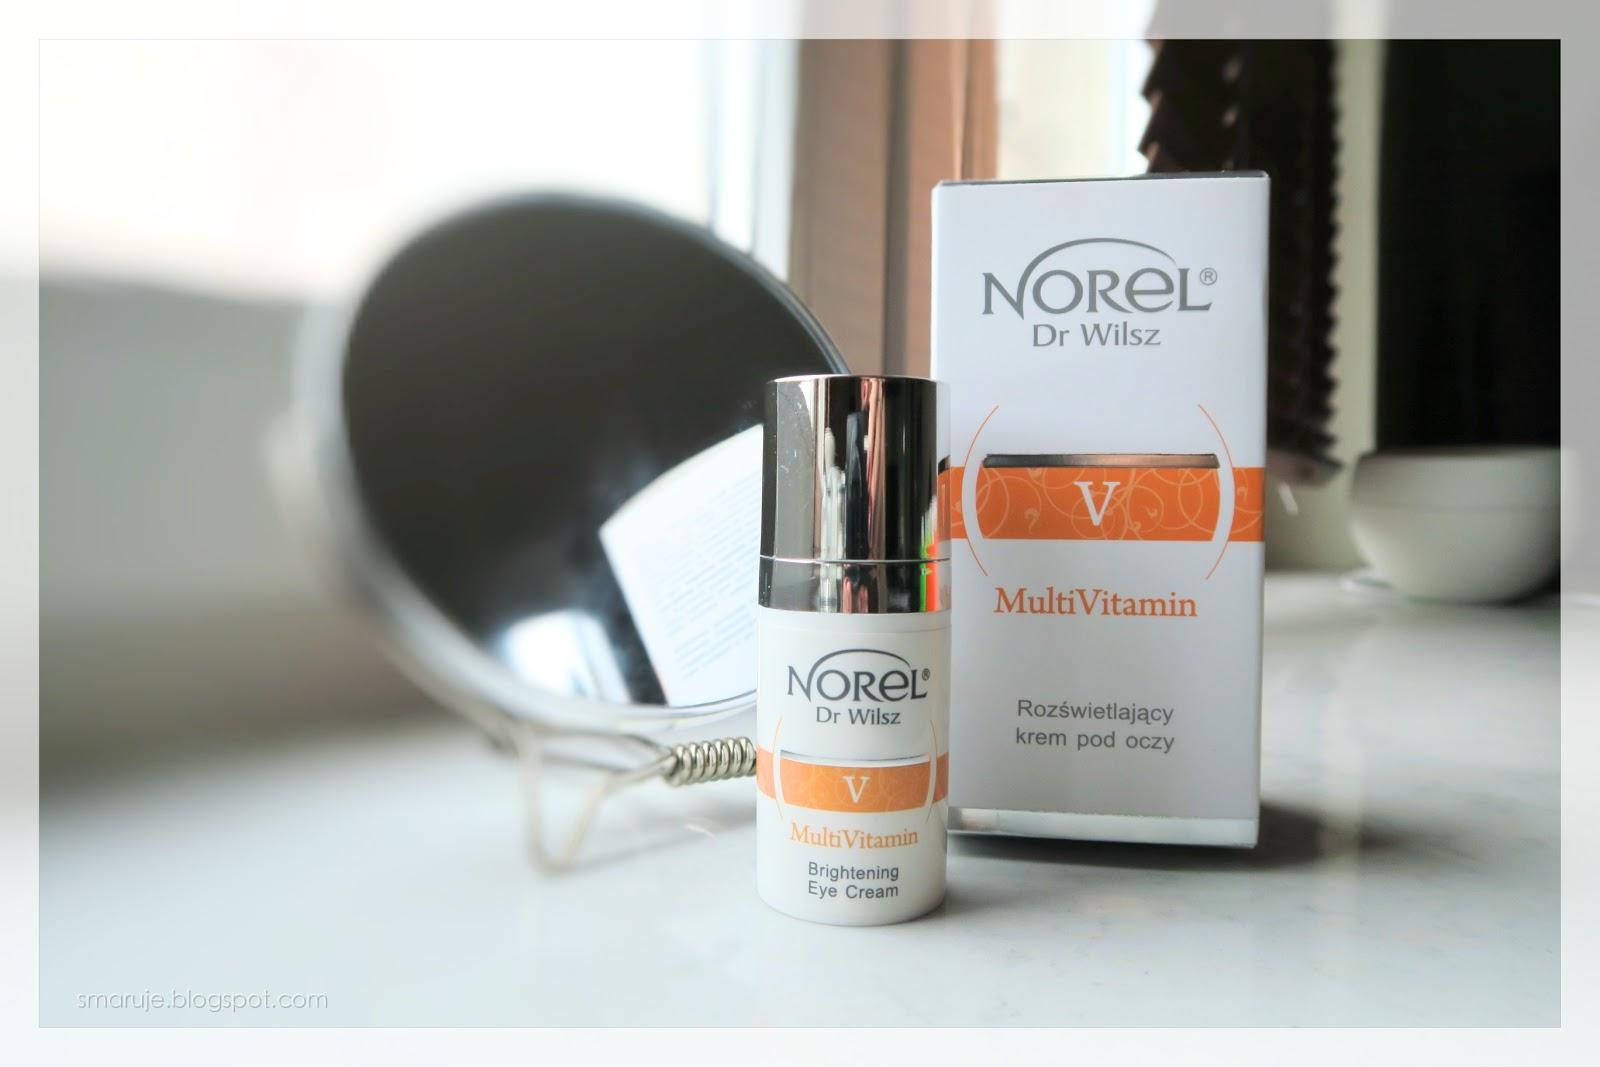 Norel dr Wilsz –V MultiVitamin –Rozświetlający krem pod oczy /recenzja/